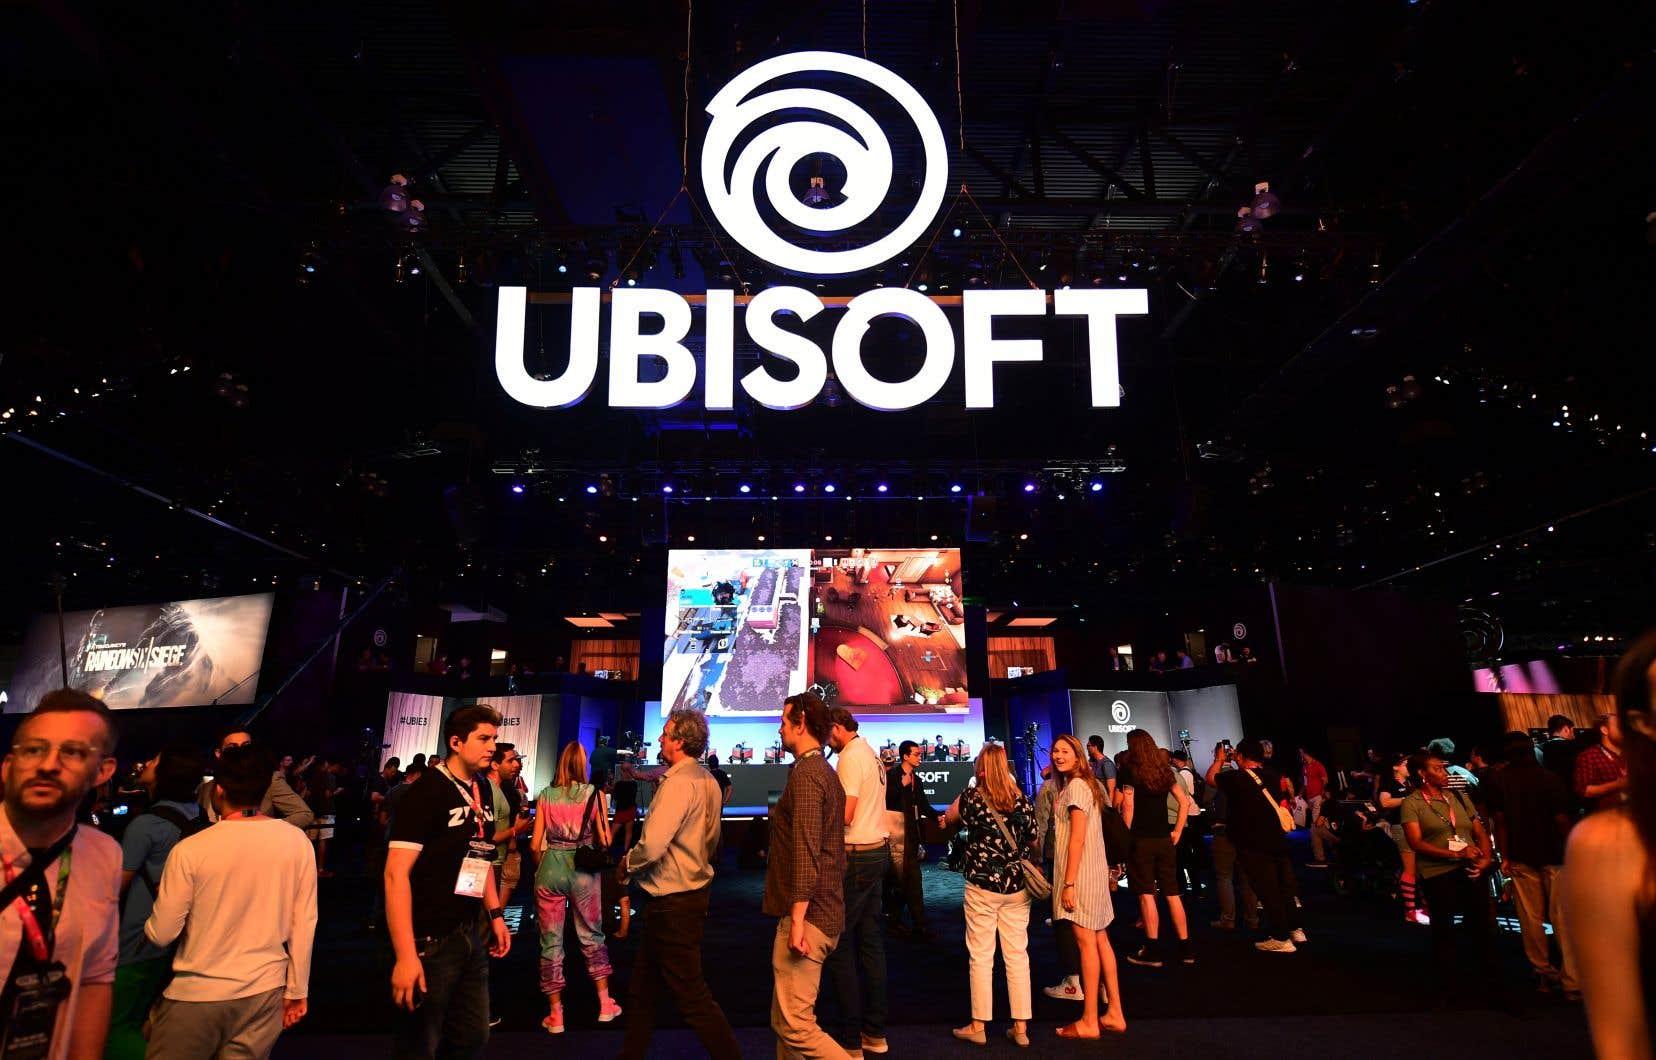 Ubisoft a ouvert des enquêtes internes après que des témoignages sur le sexisme et les atteintes aux femmesdans ce milieu très masculin ont été publiés sur les réseaux sociaux.